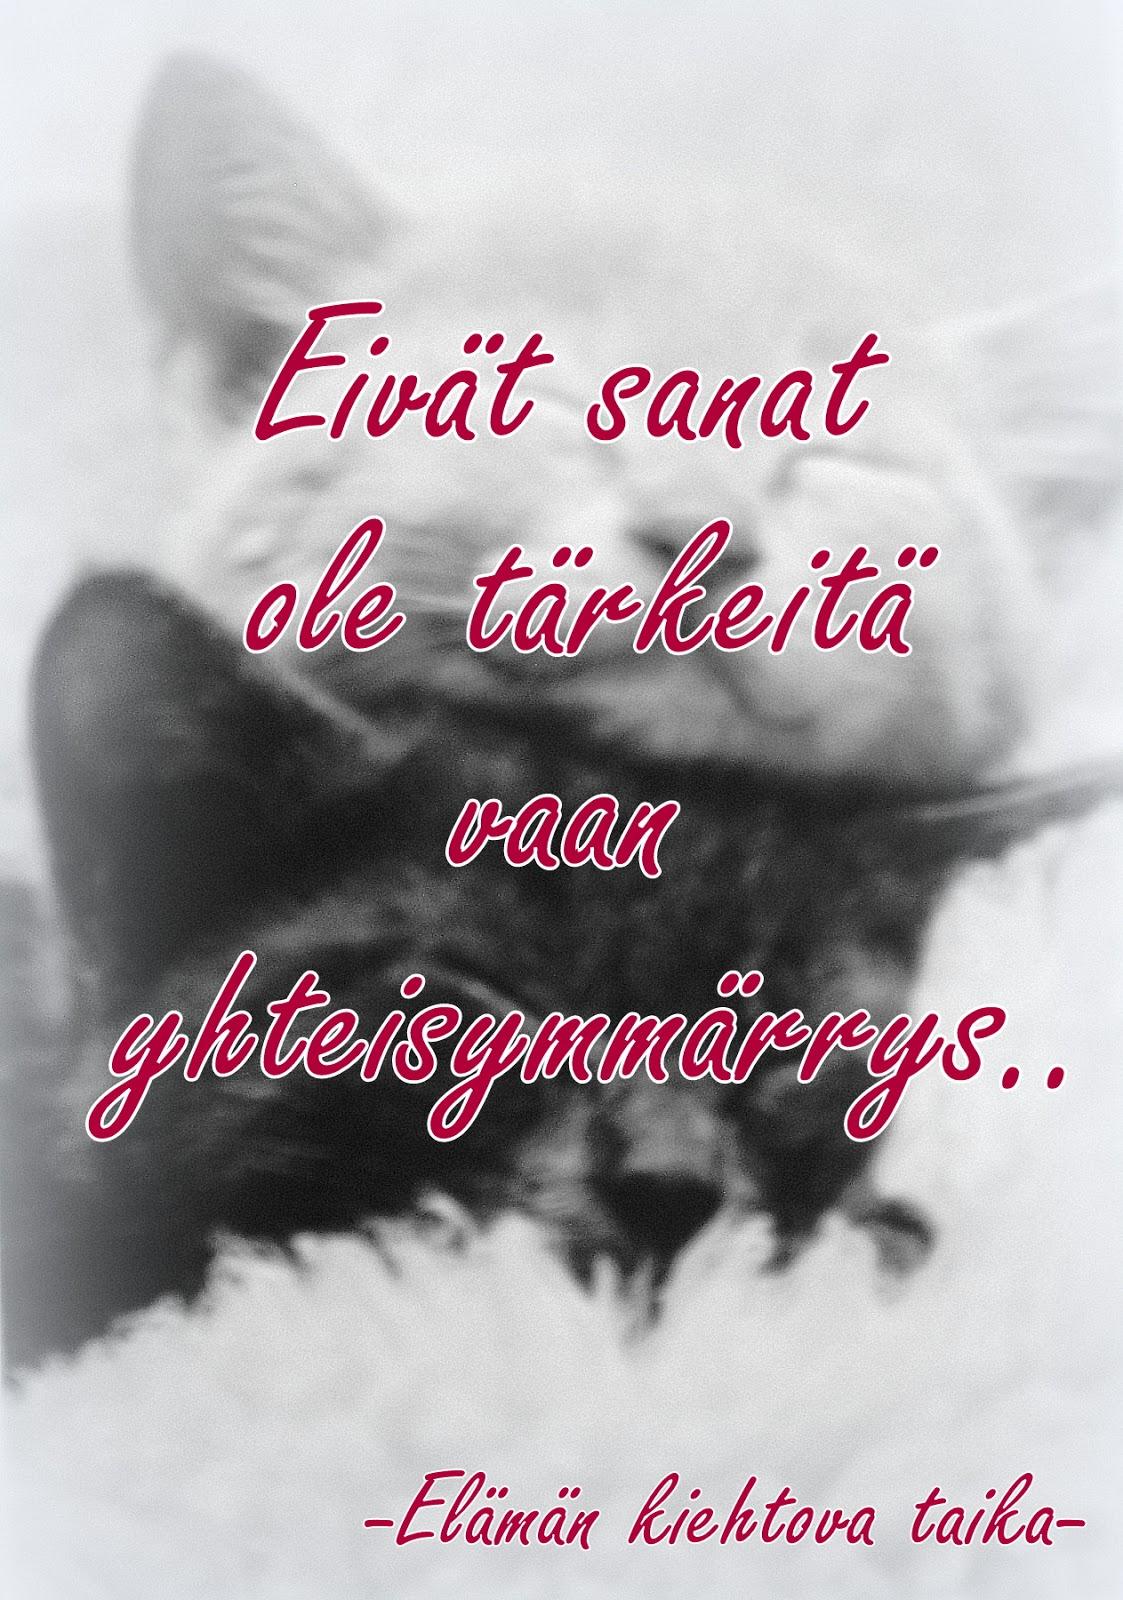 Pillua tampere oulu suomi